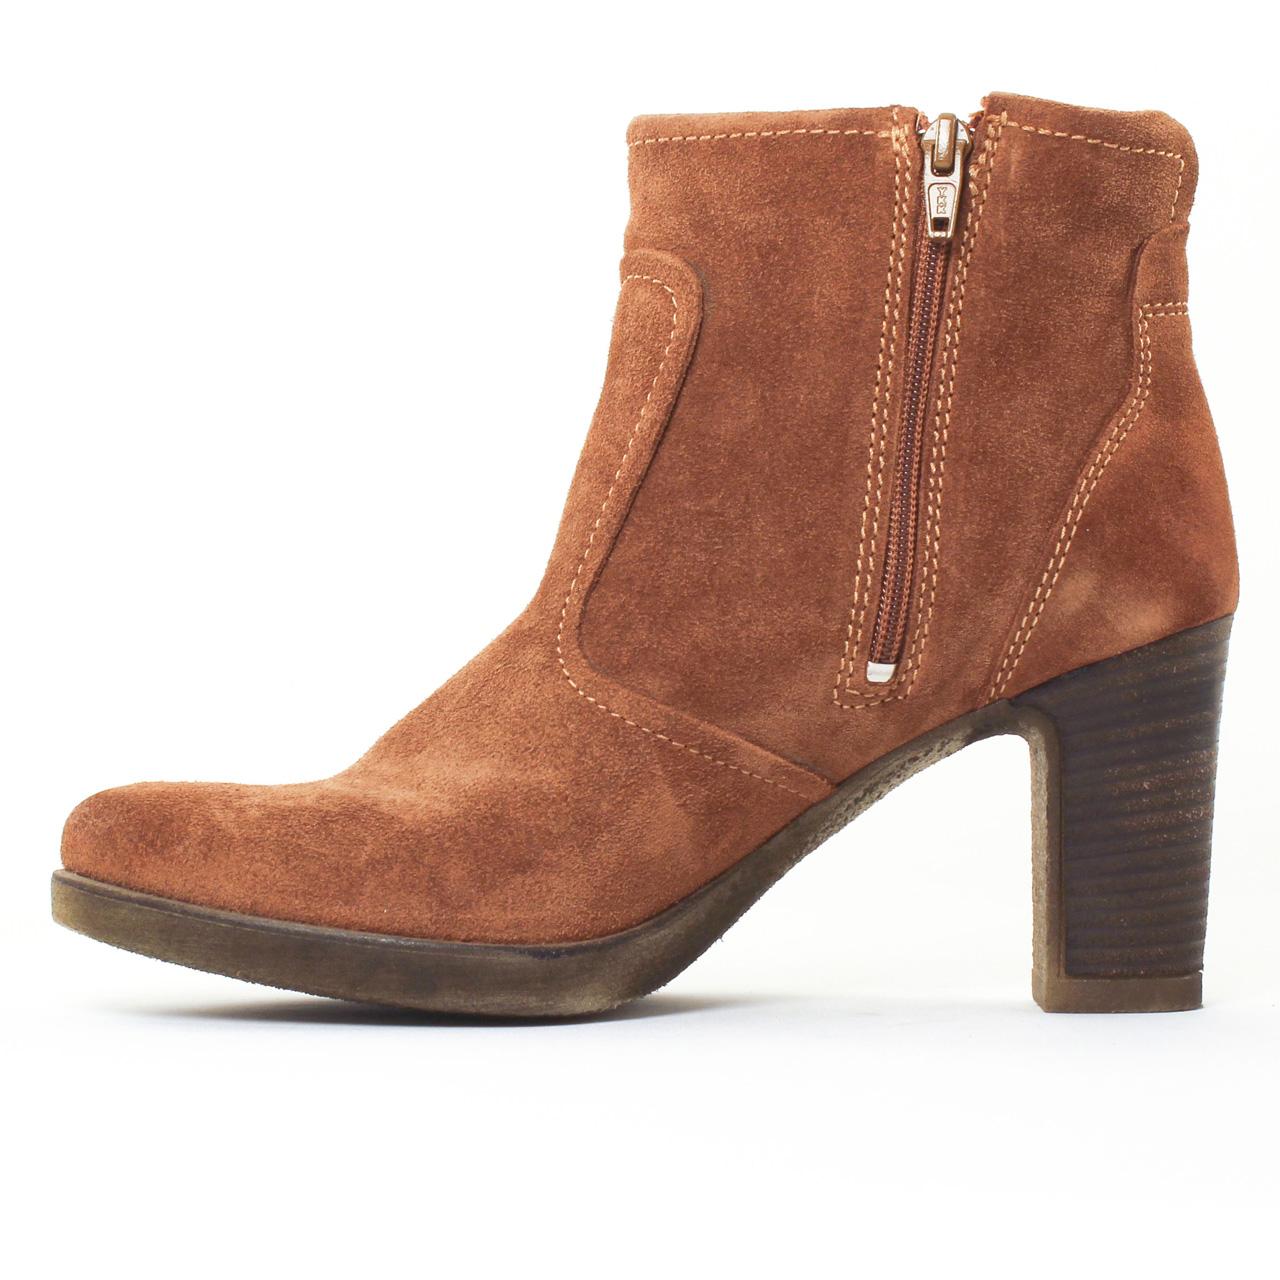 boots talon marron bottines femme pour mode femme. Black Bedroom Furniture Sets. Home Design Ideas